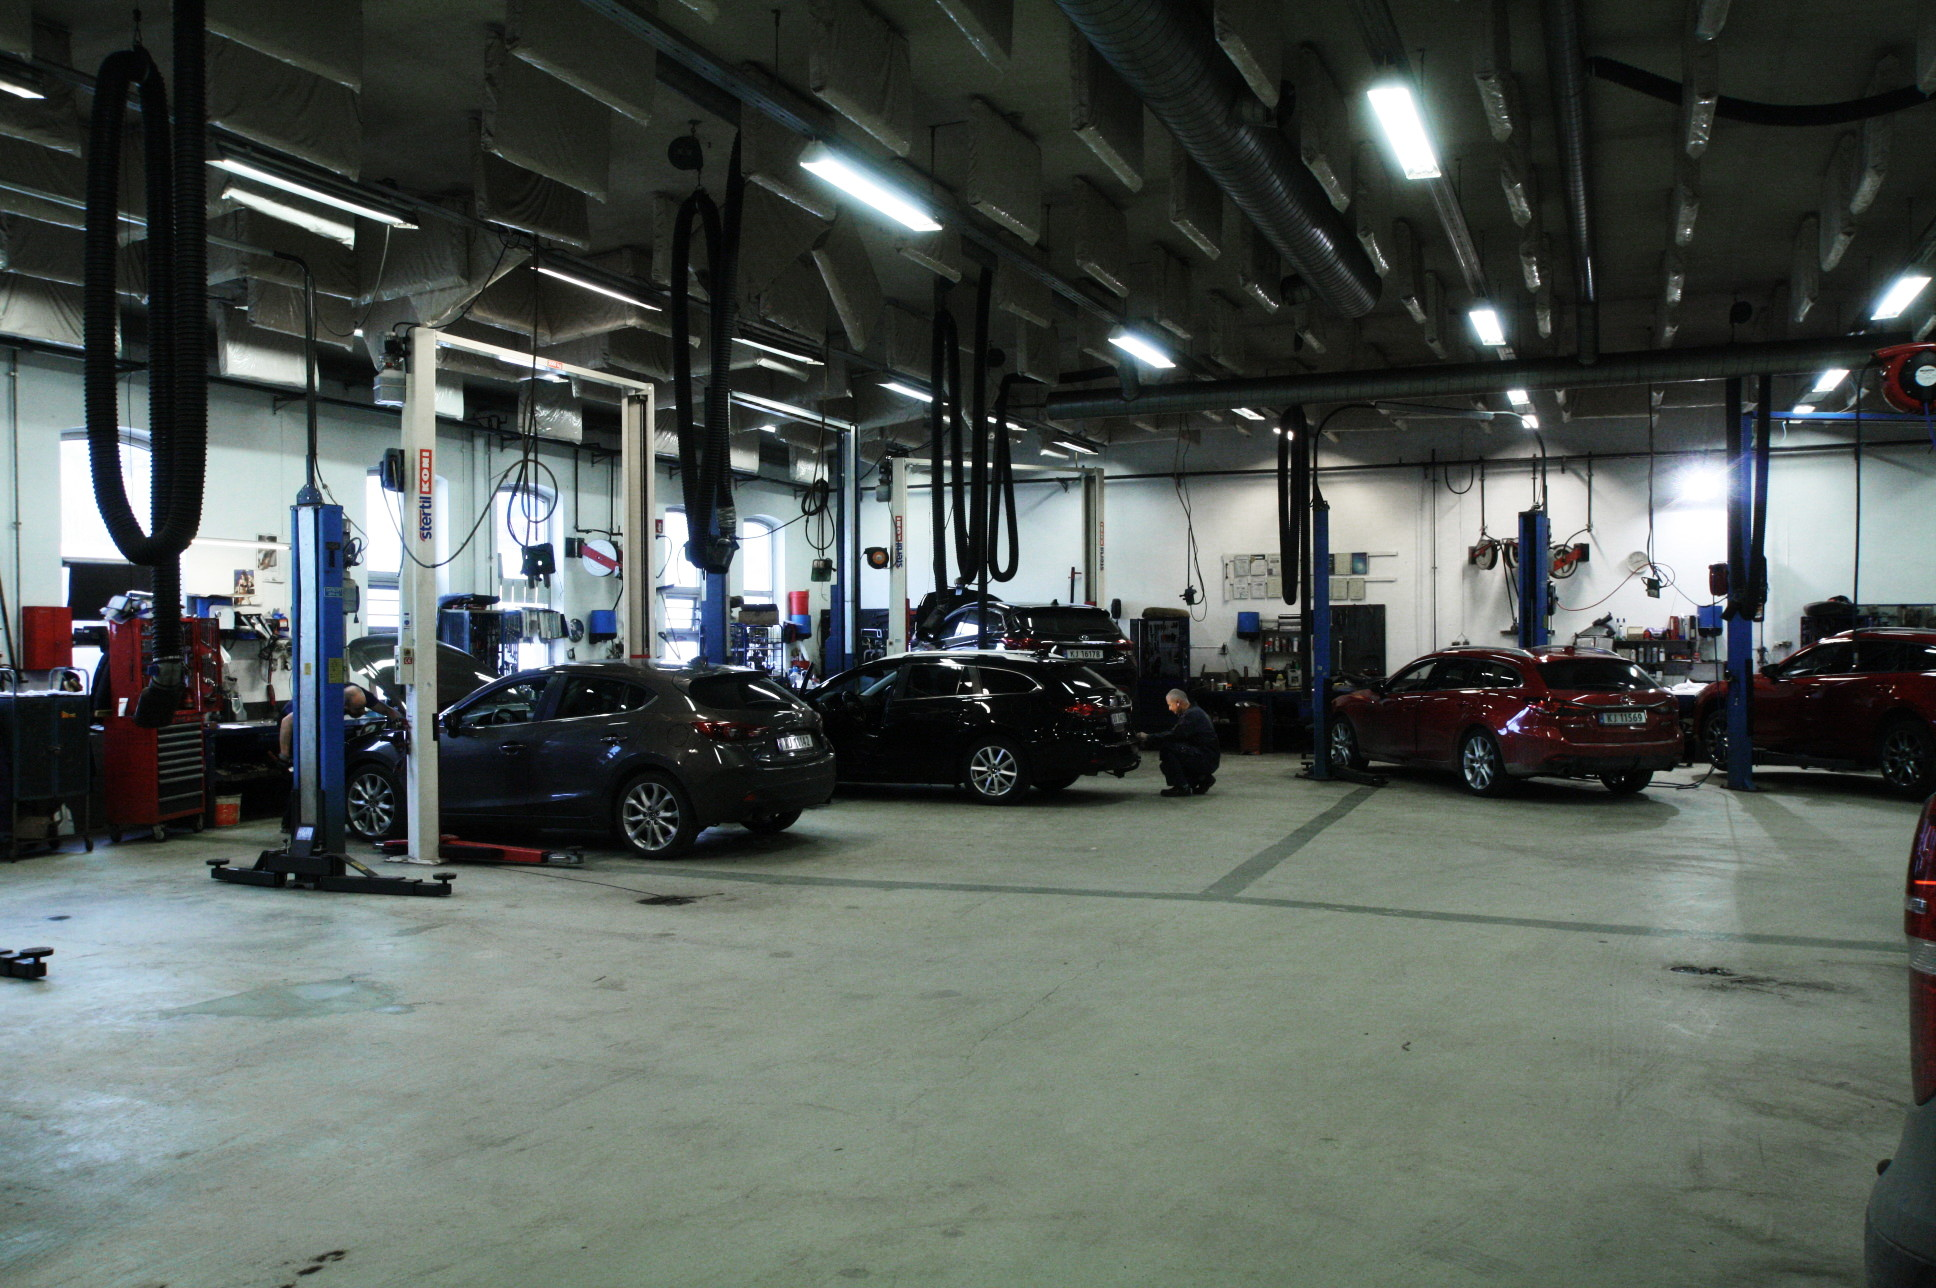 garasje-2.jpg